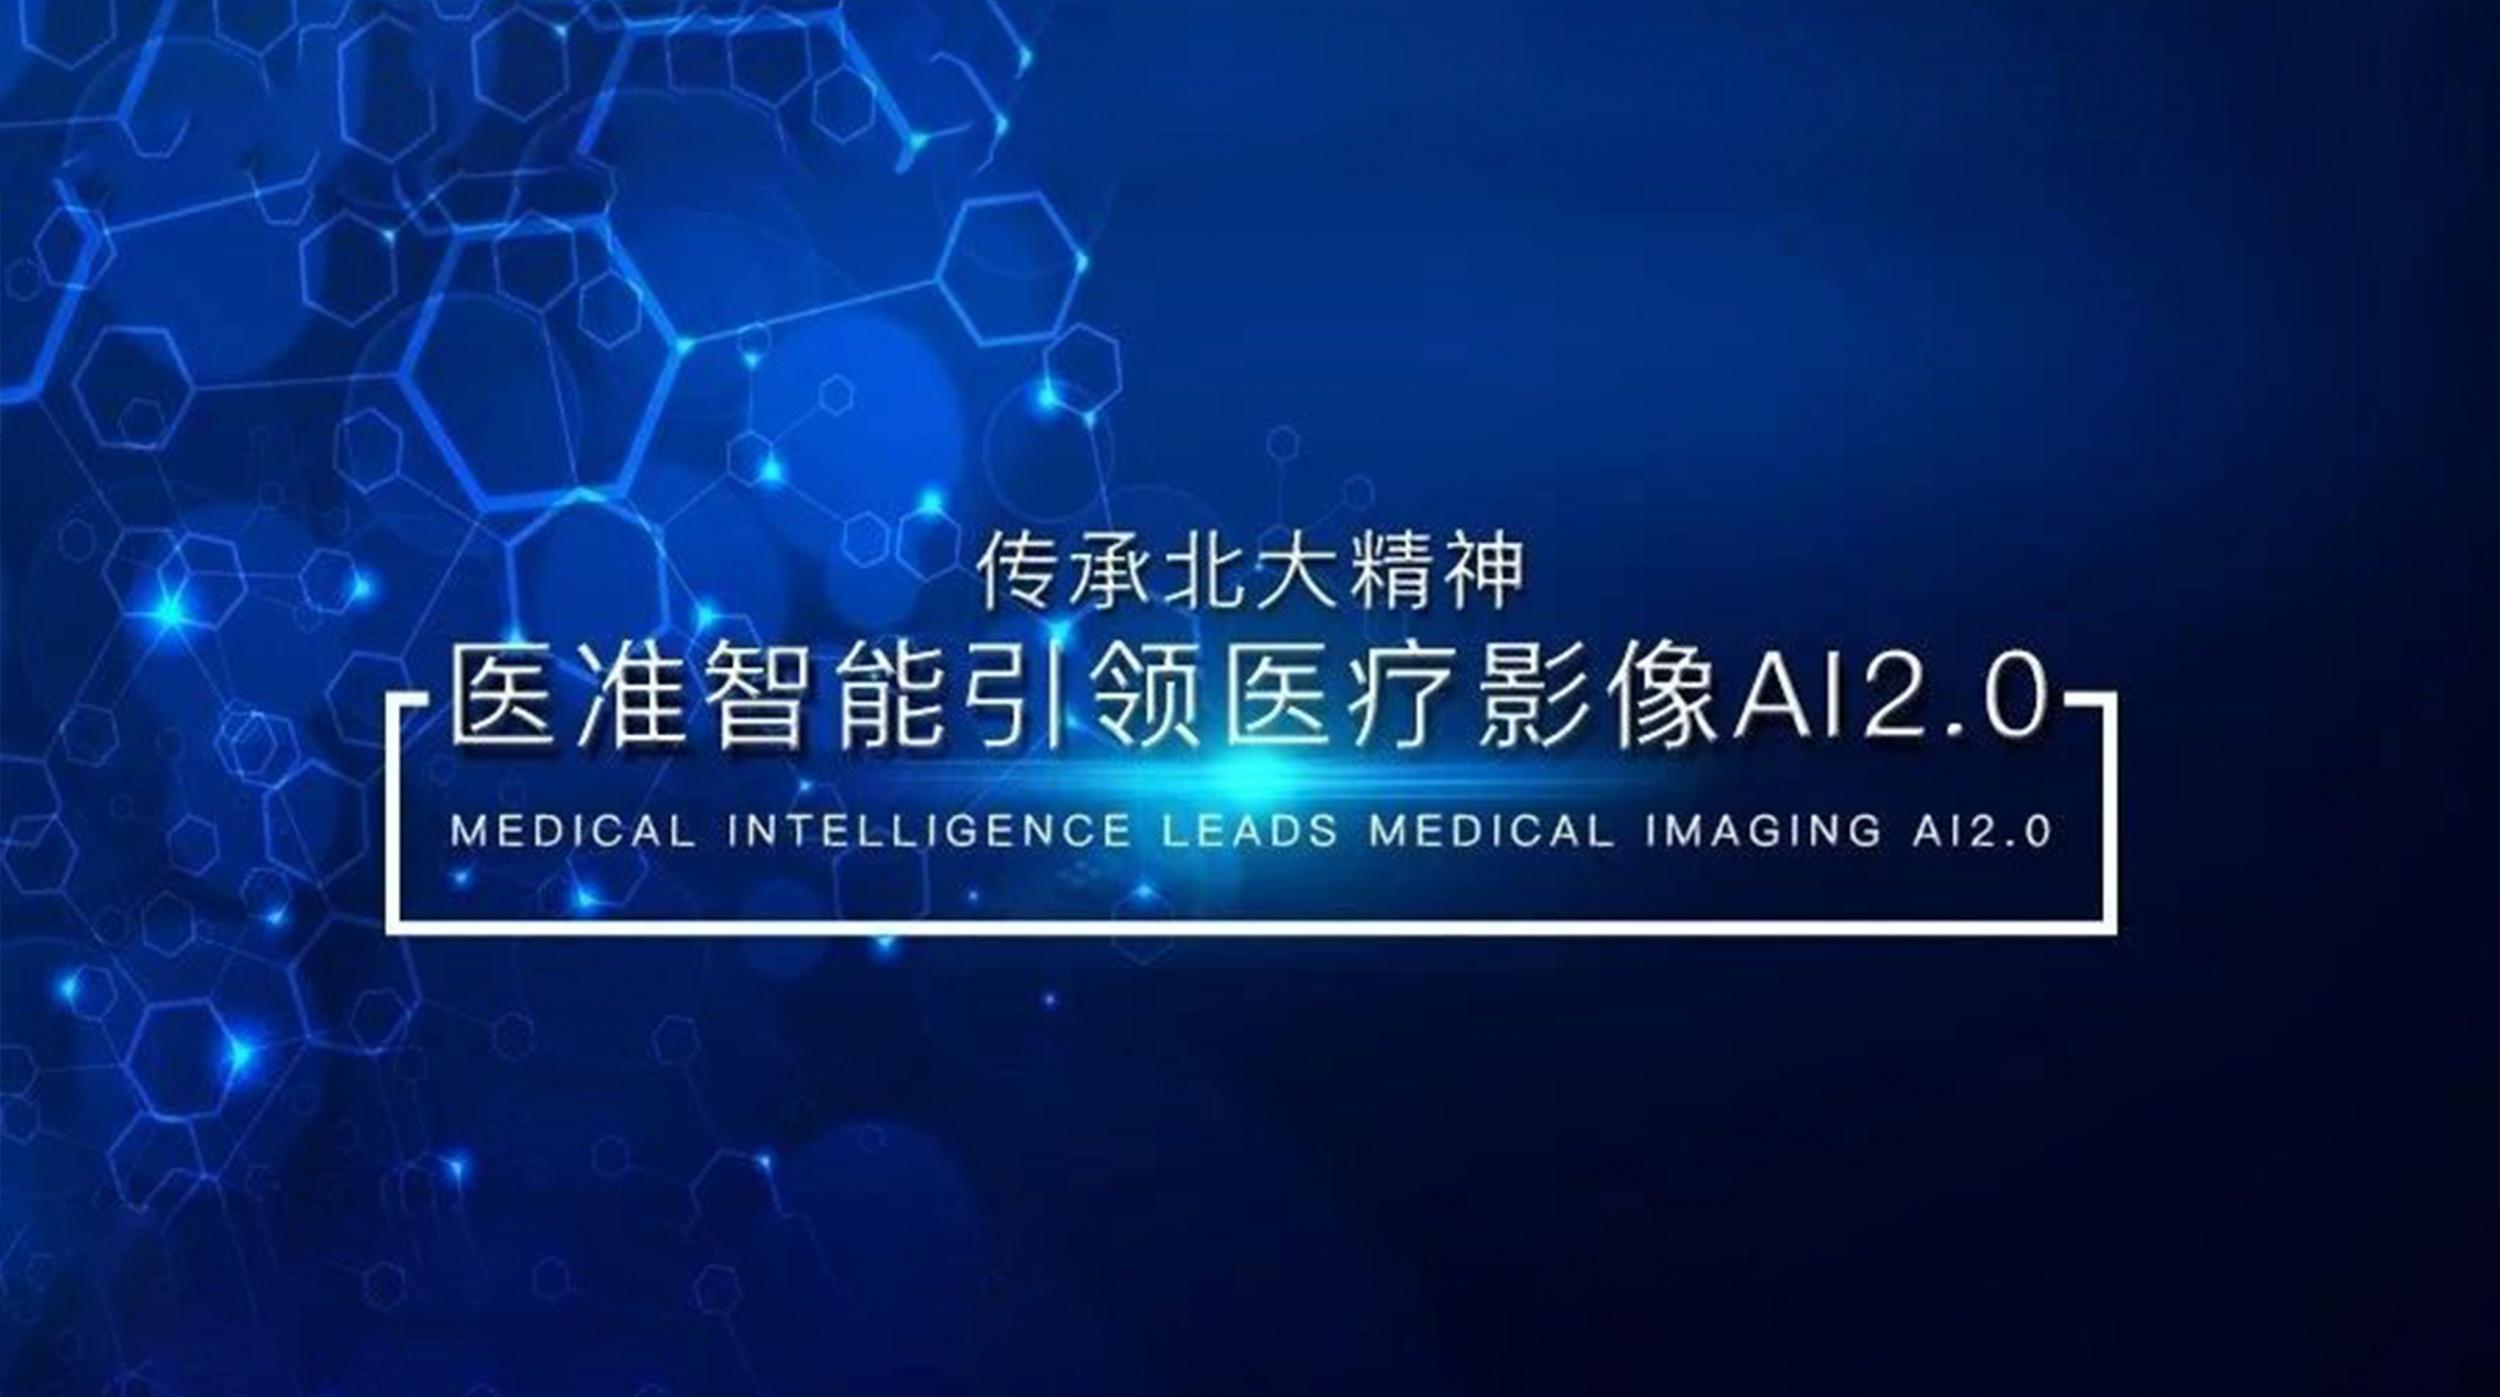 传承北大精神,医准智能引领医疗影像AI2.0